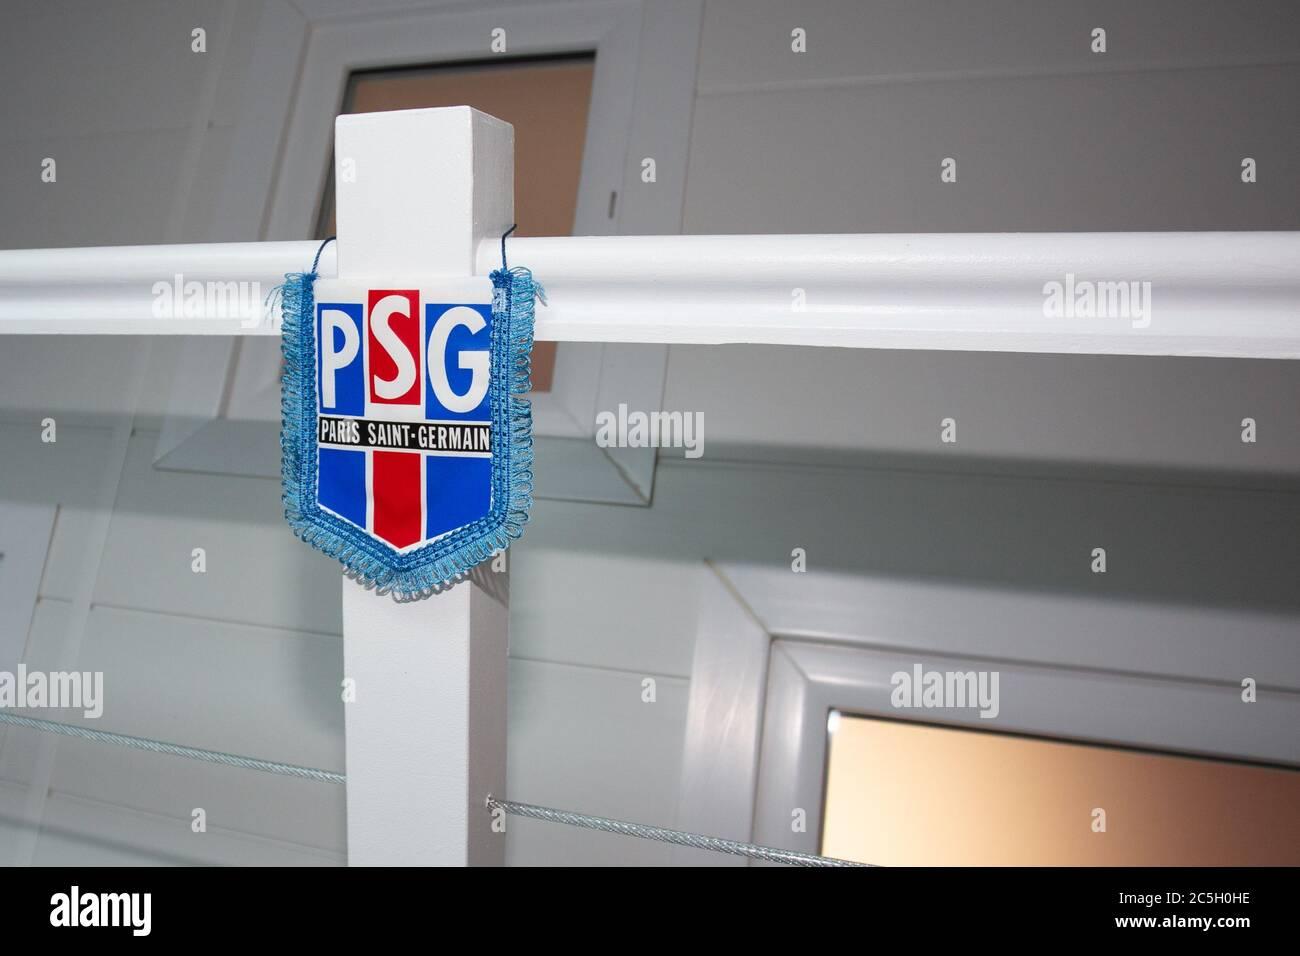 Paris Saint Germain Fussballverein Stockfotos Und Bilder Kaufen Alamy